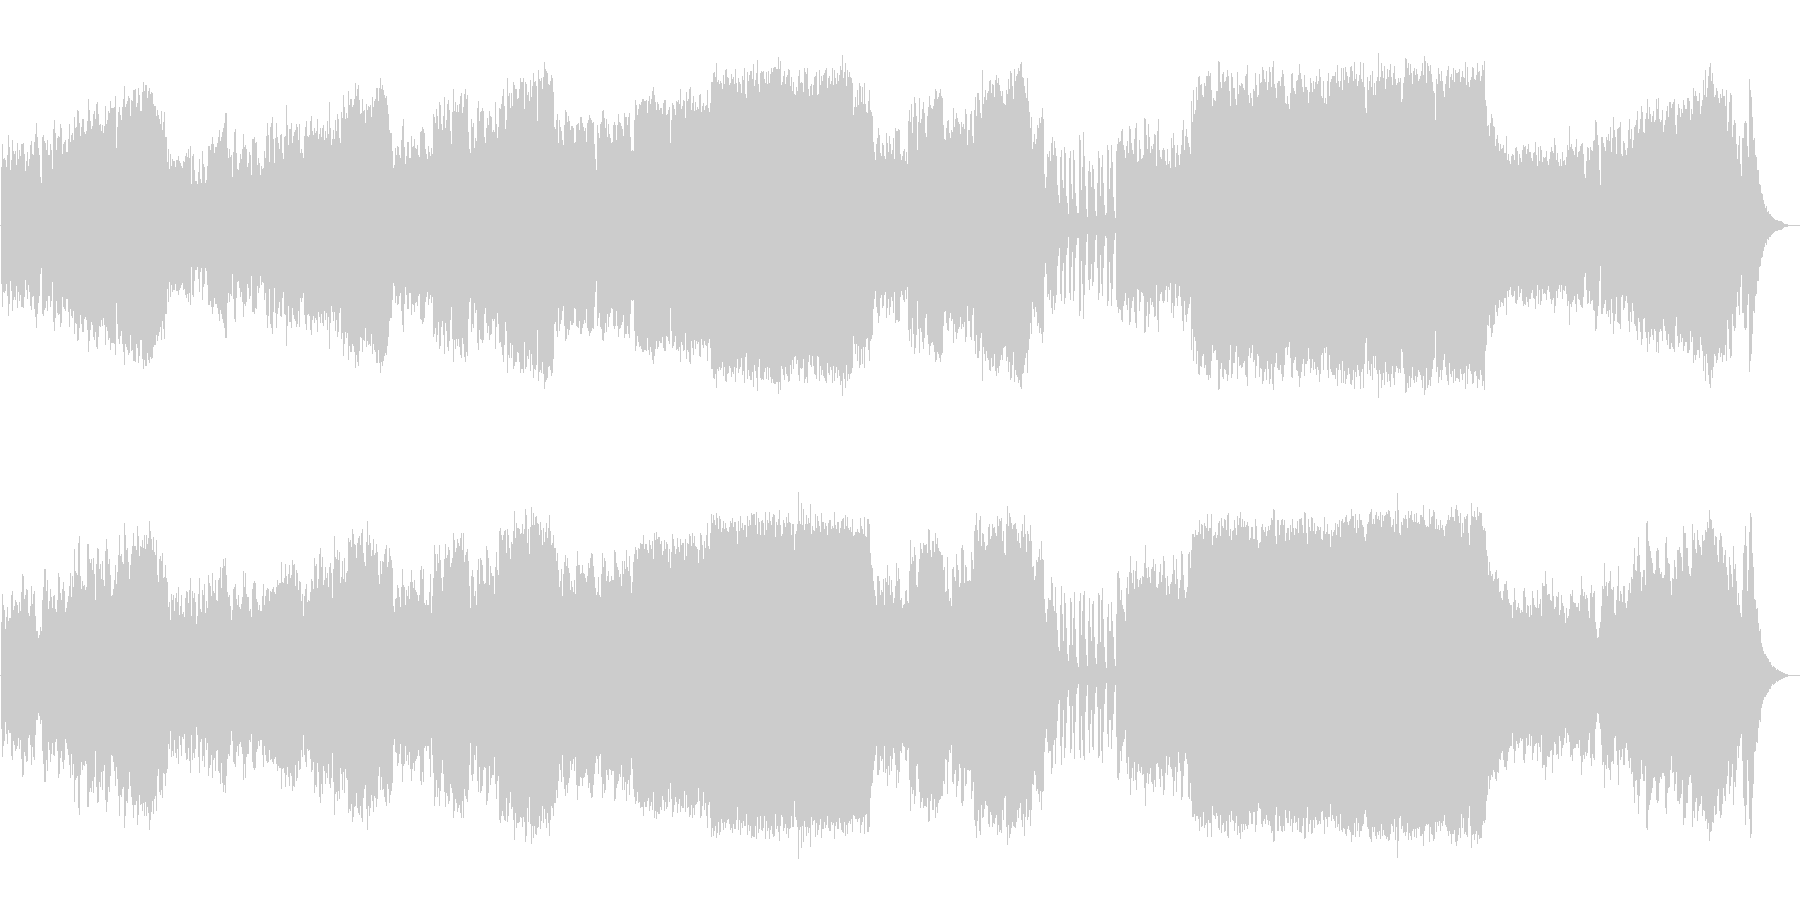 オーケストラにて使用される楽器群を使用…の未再生の波形